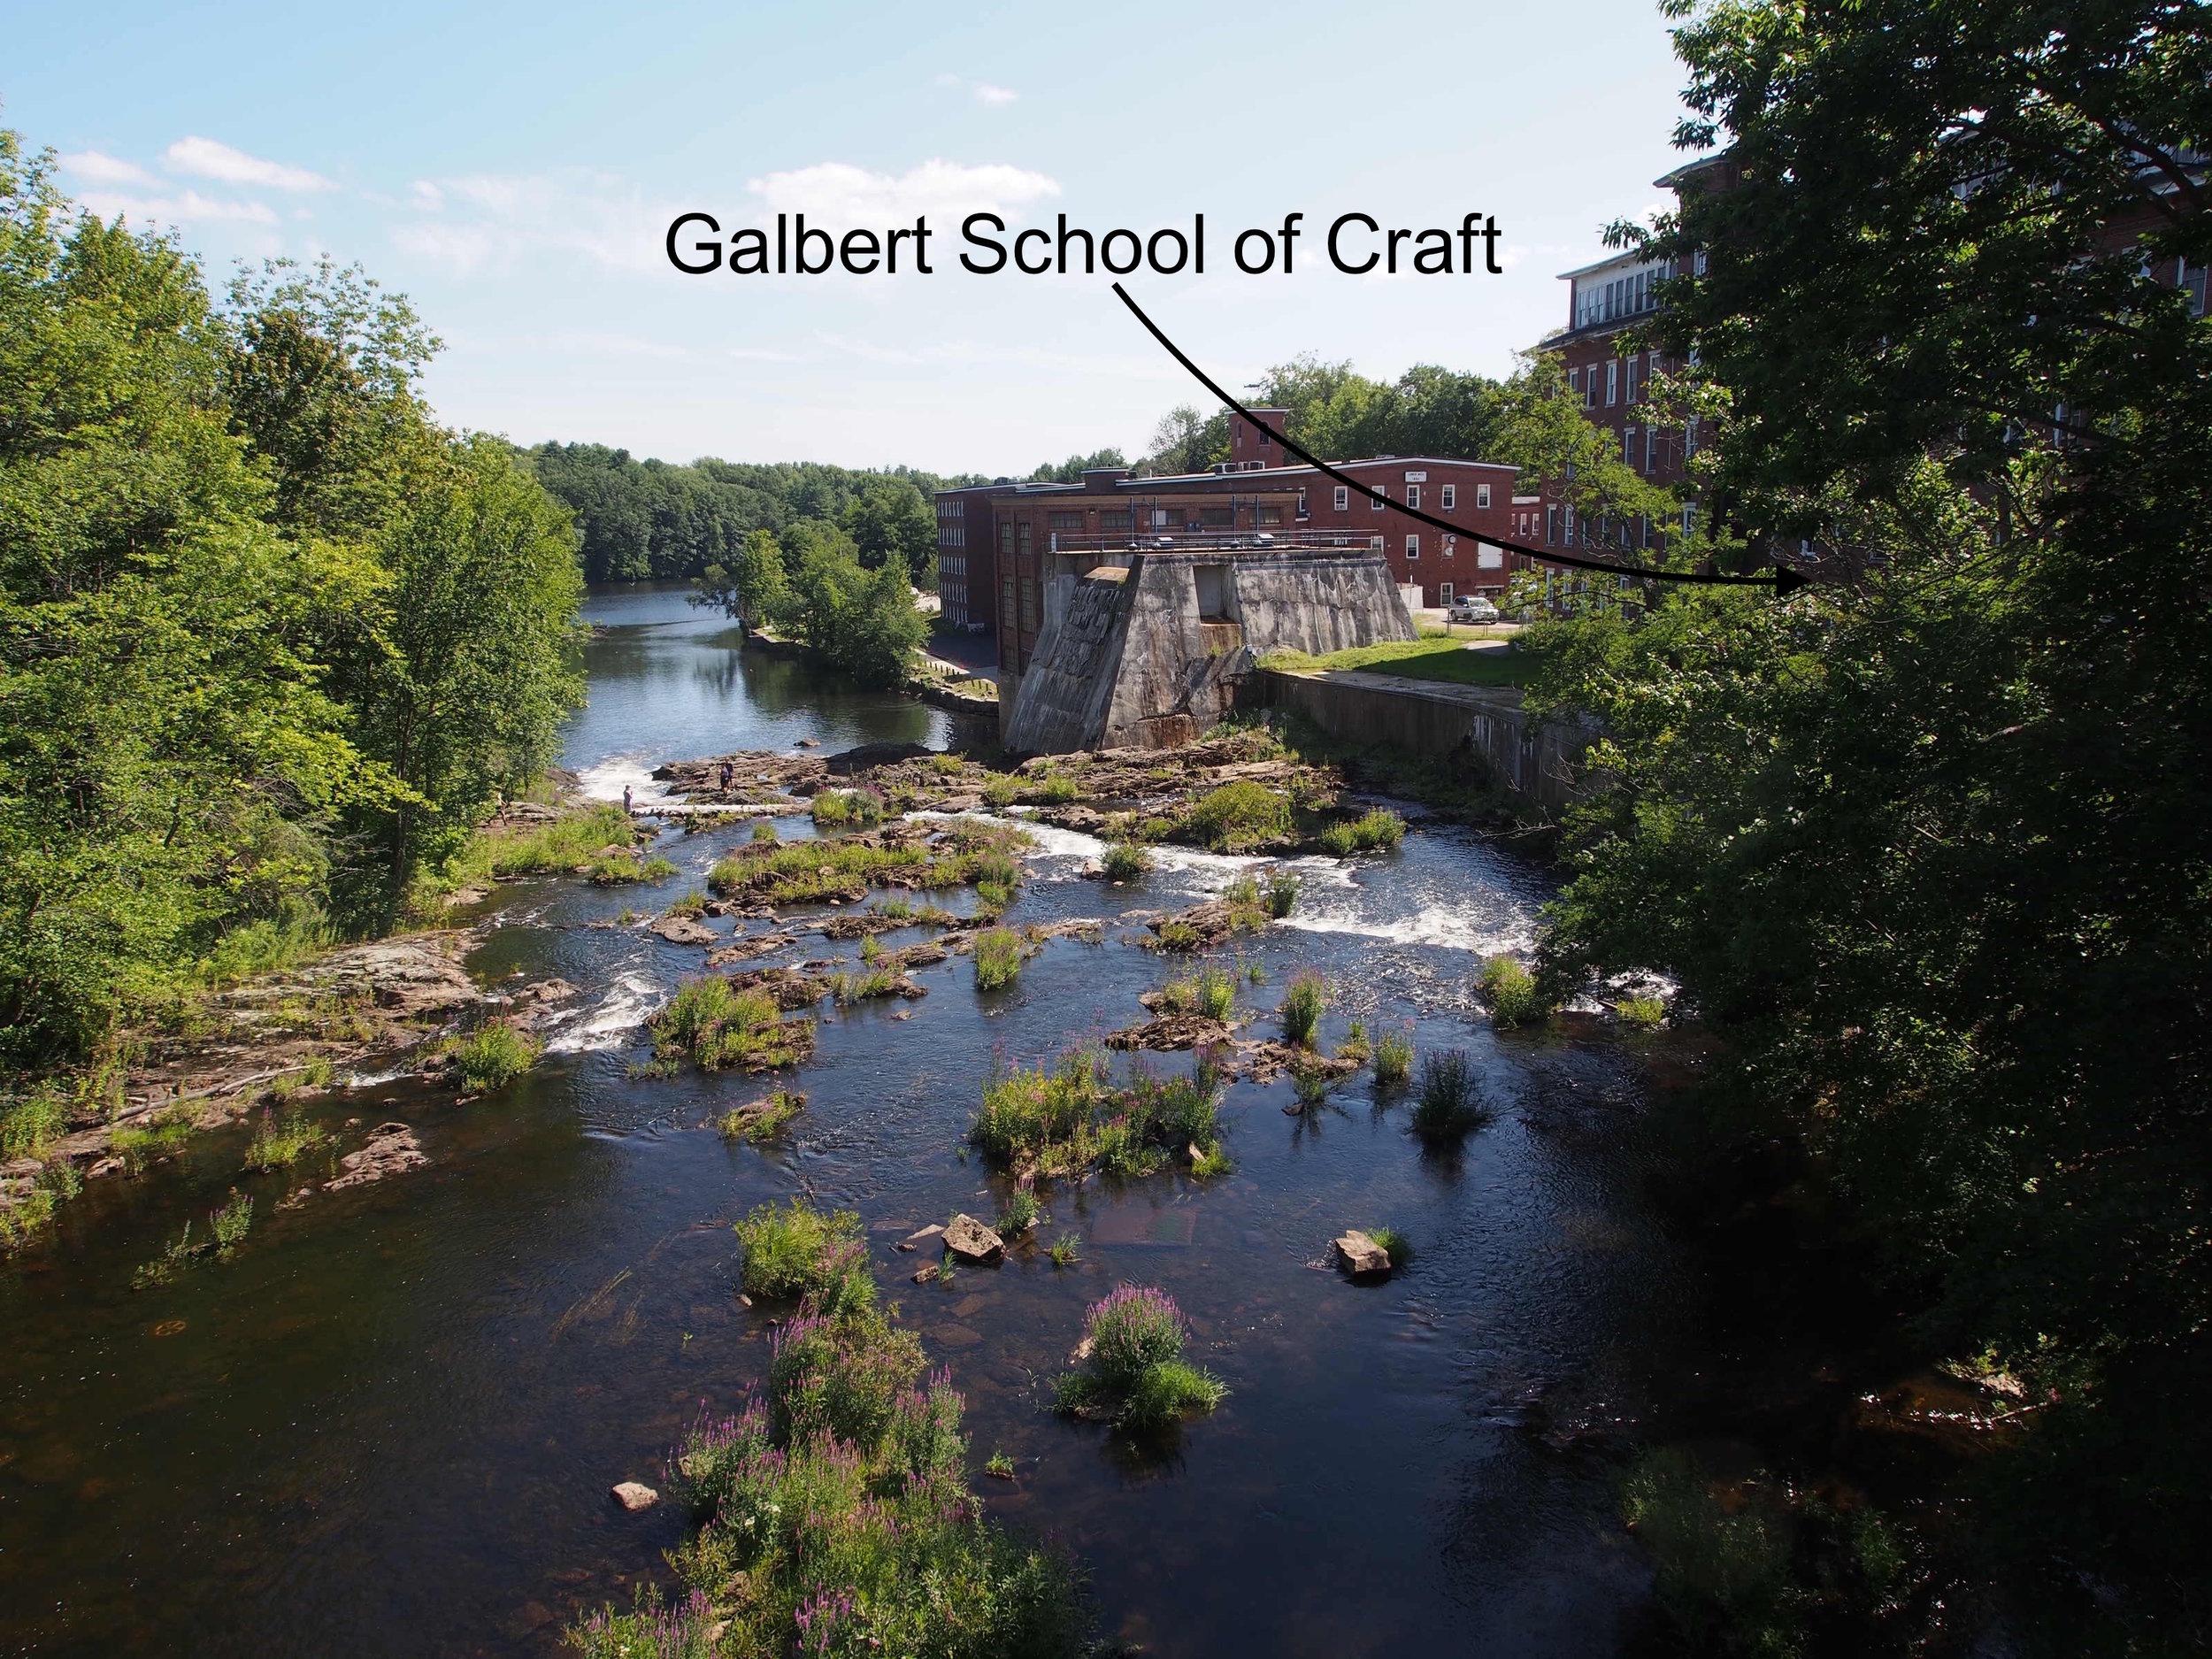 Galbertschool.jpg